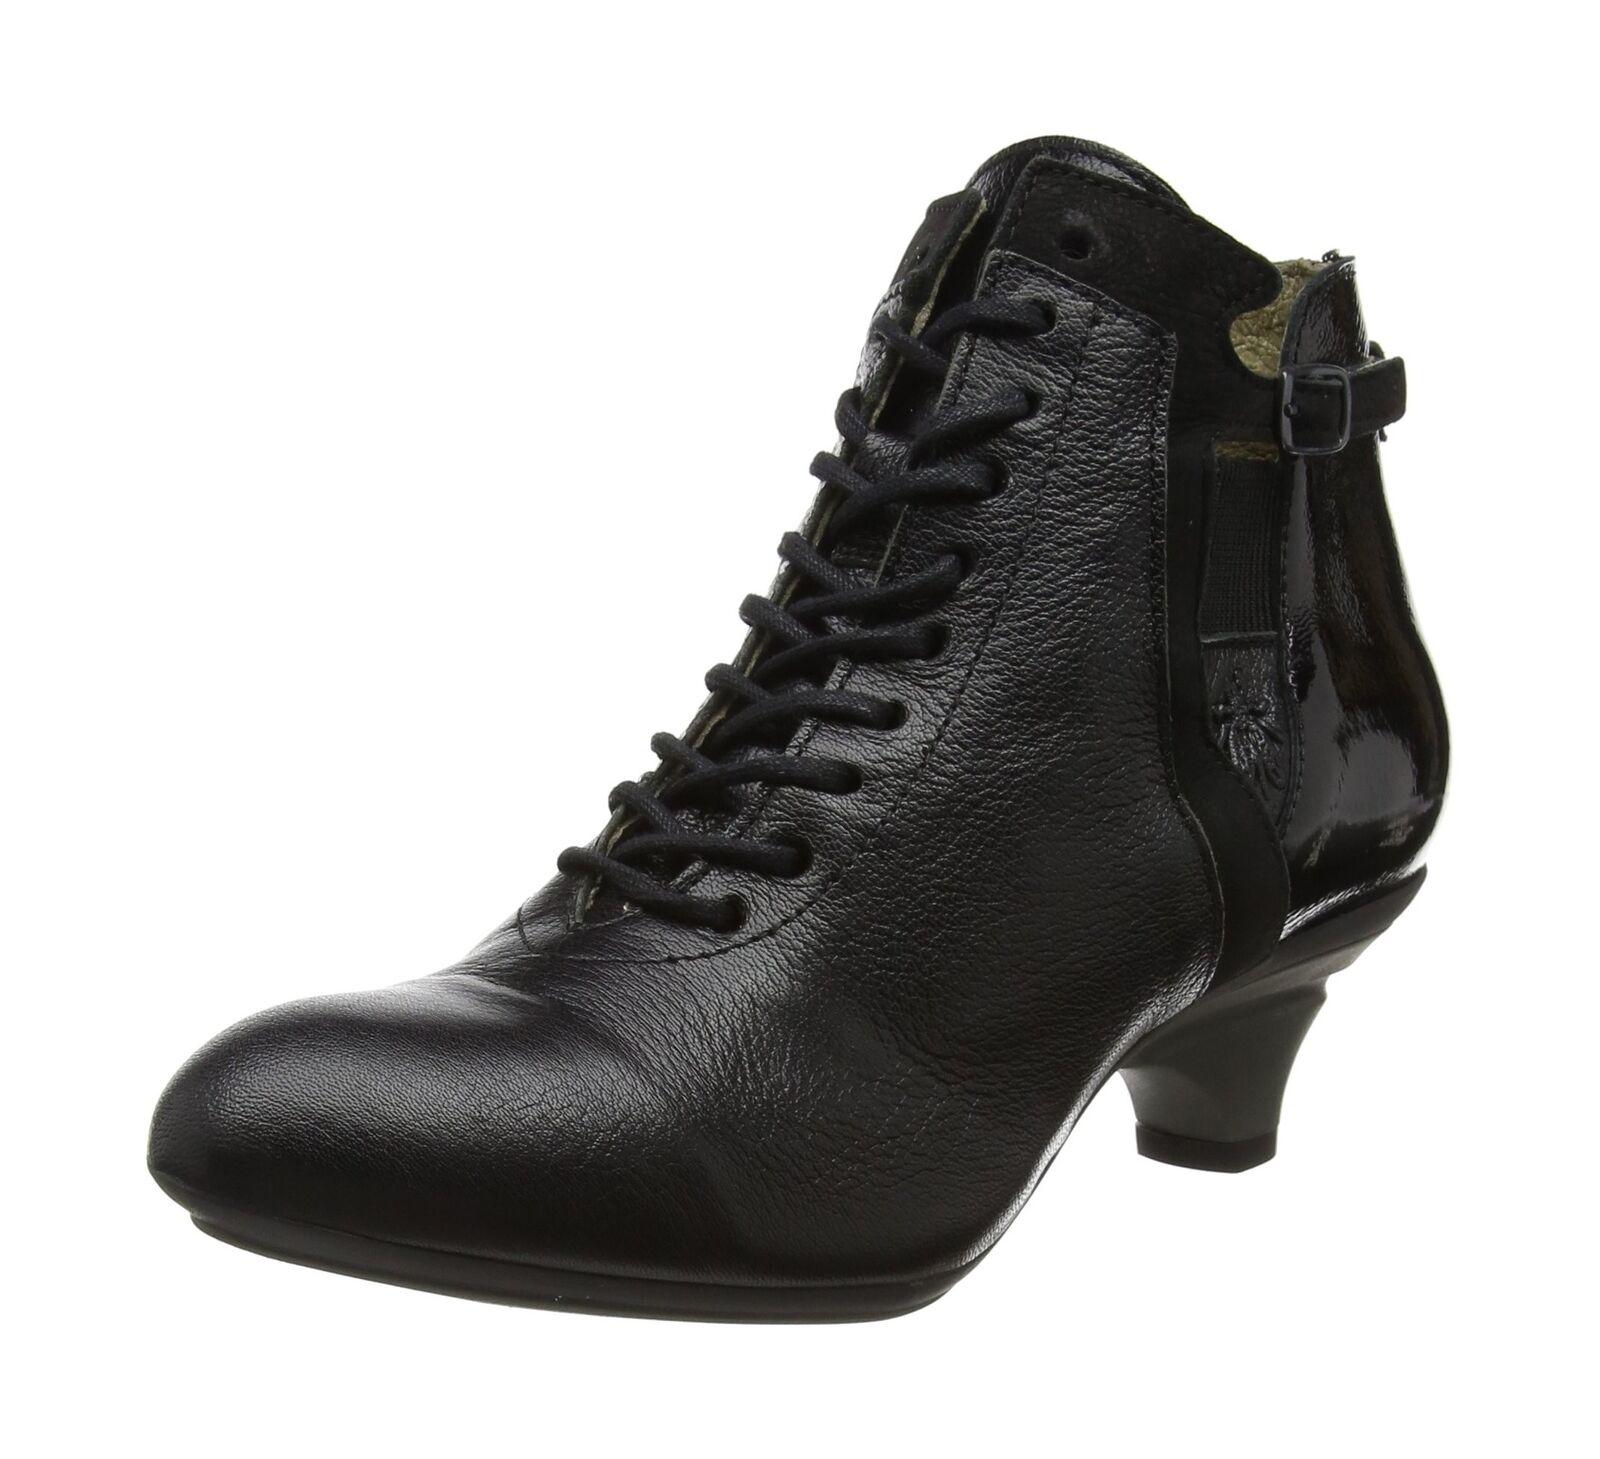 Fly London Mujeres botas Negras 117fly errores de    (Negro) 4 Reino Unido  vendiendo bien en todo el mundo